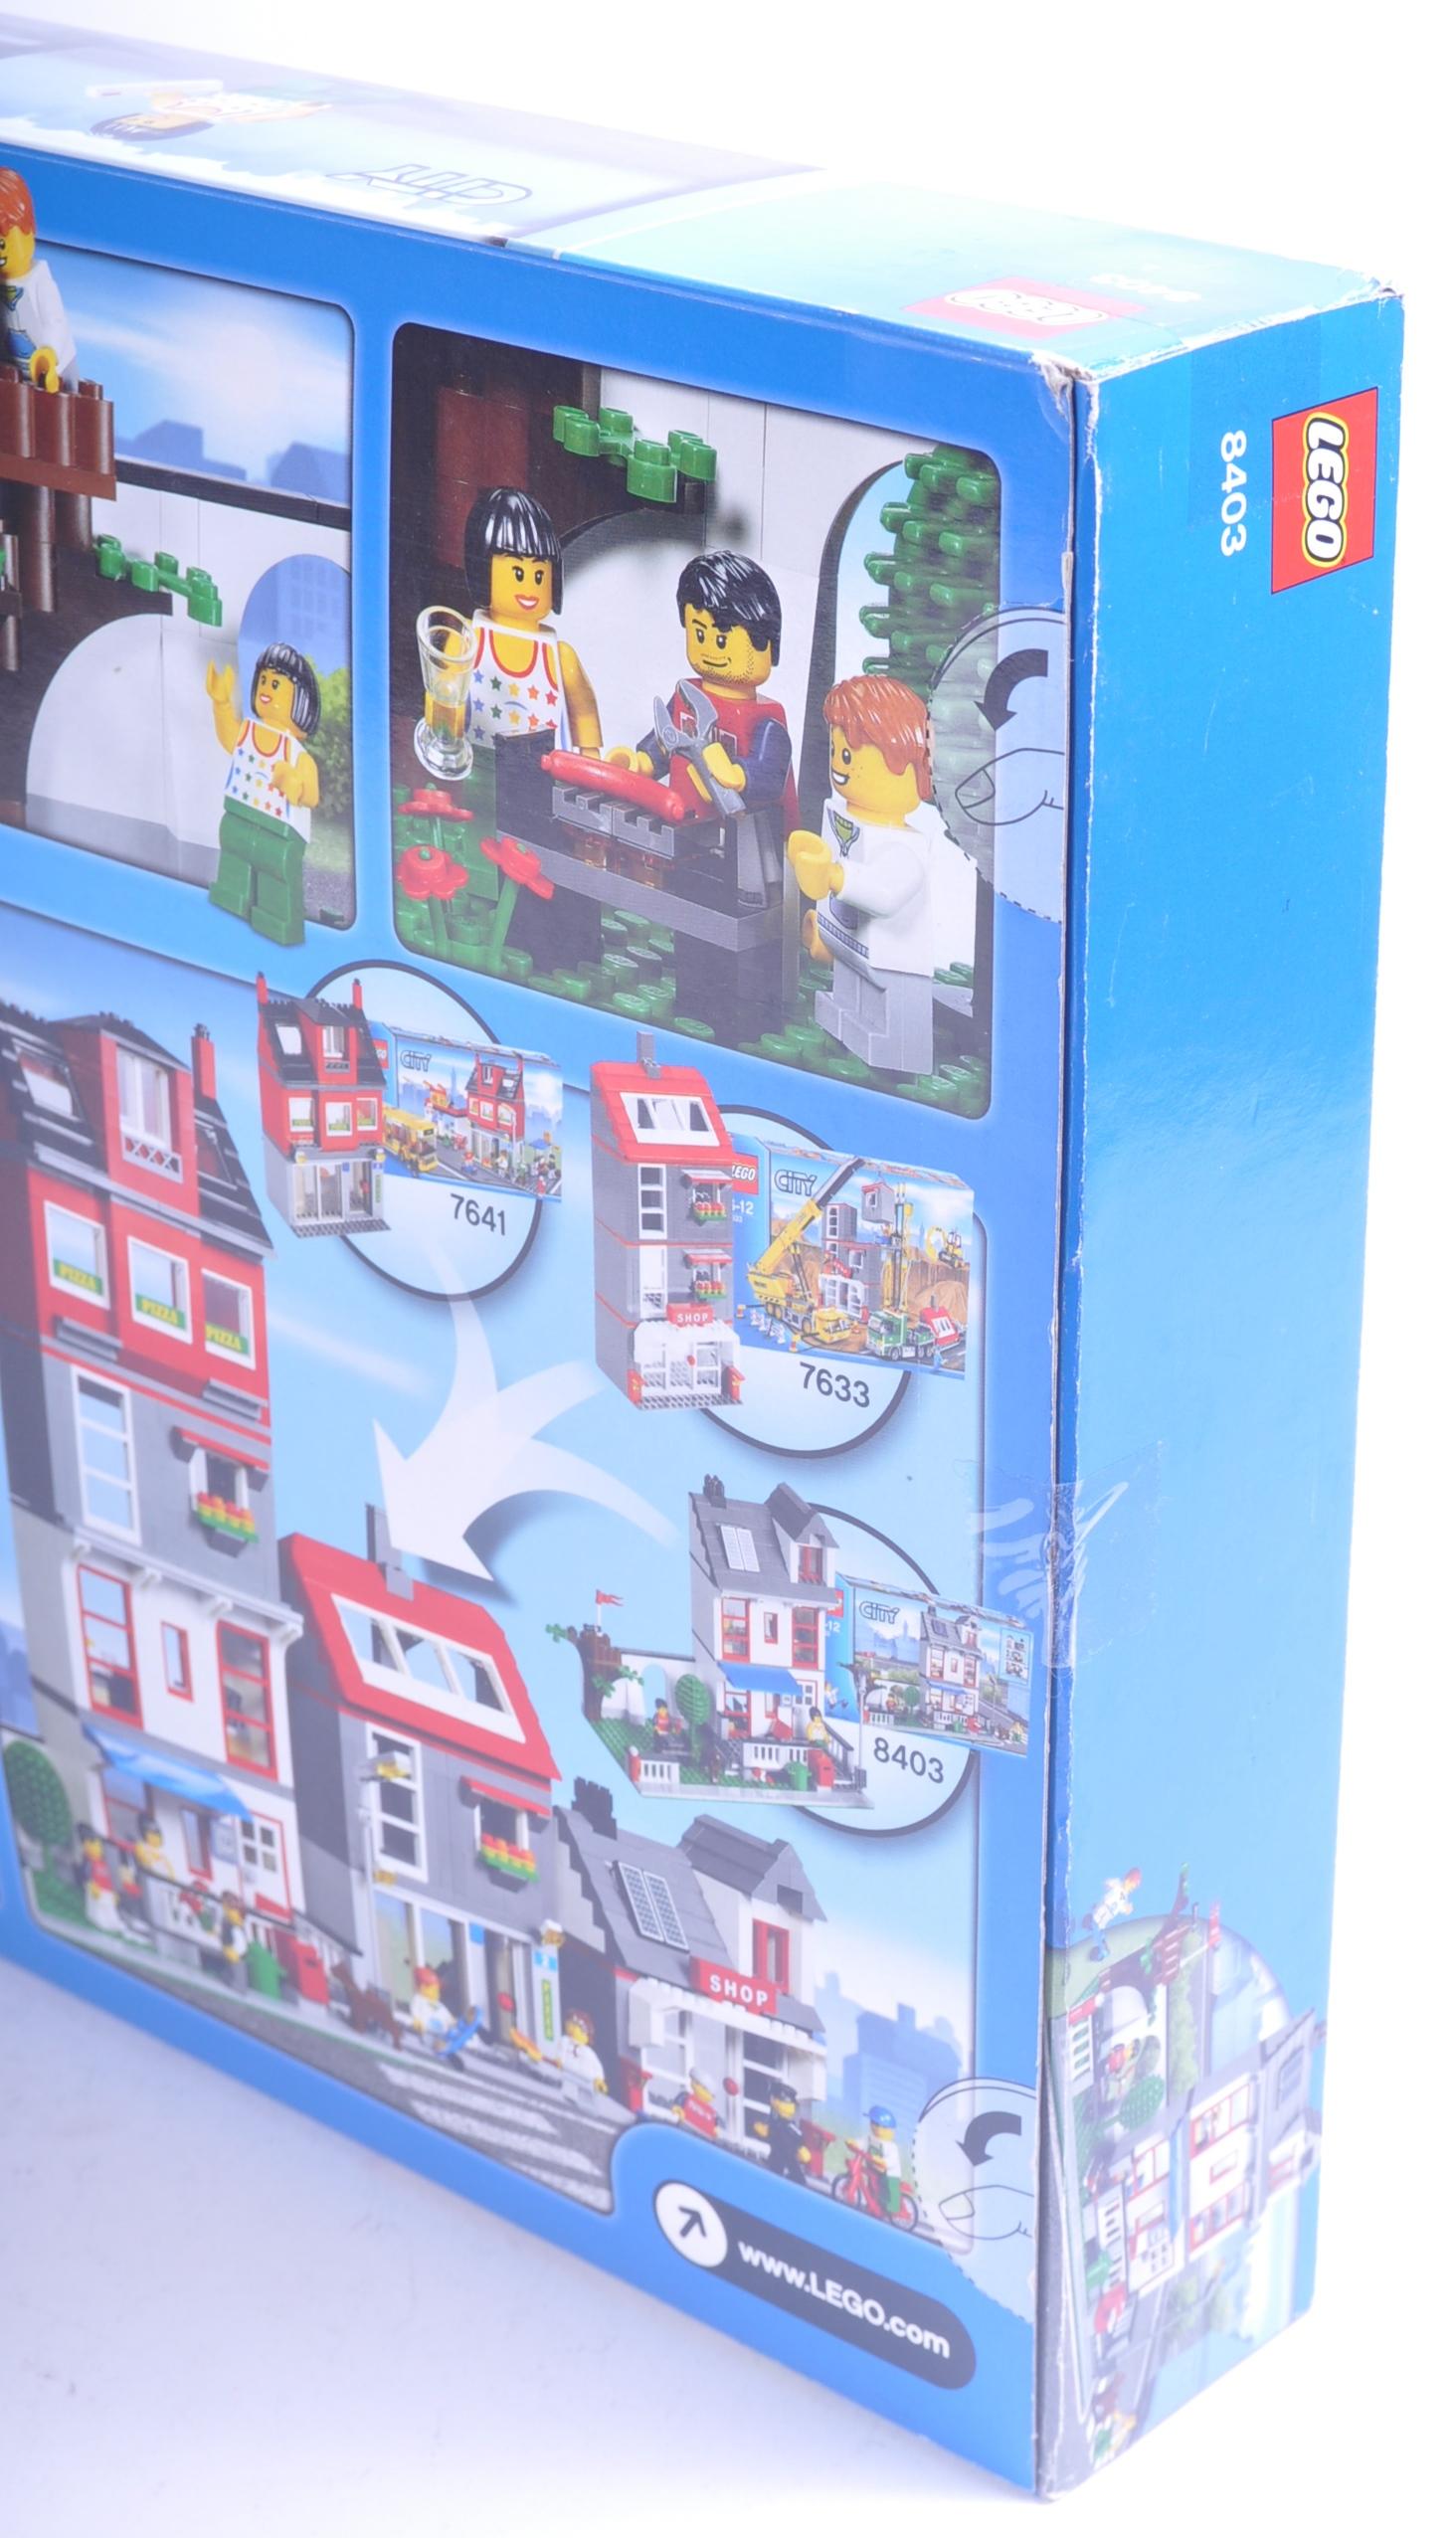 LEGO SET - LEGO CITY - 8403 - CITY HOUSE - Image 3 of 4